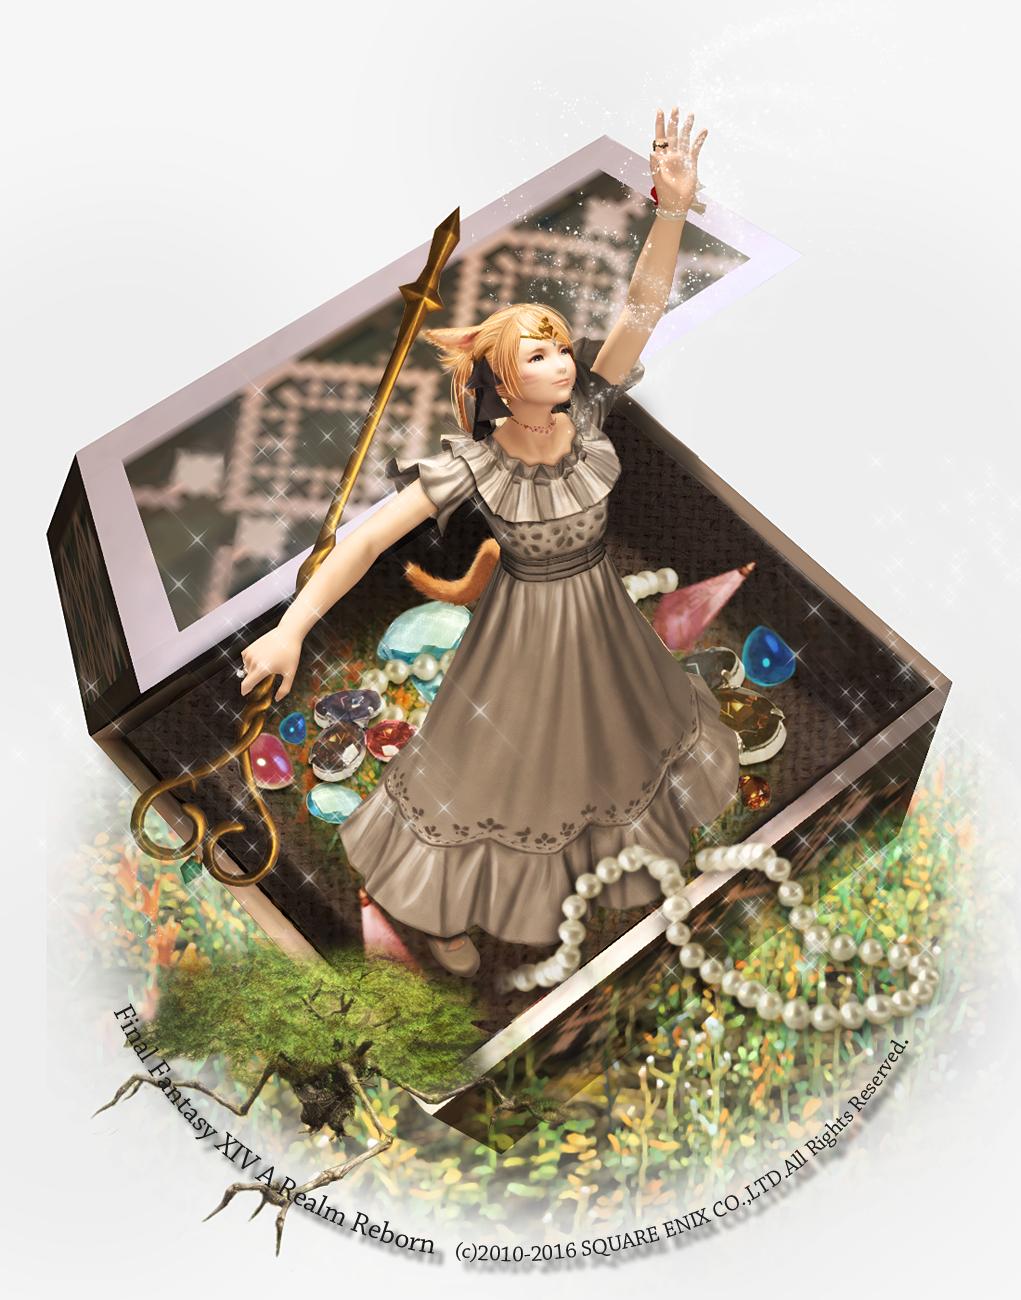 """Luna on Twitter: """"Lunaさんは銀のワンピースを着た、茶色い髪のツインテールの魔女。キャンディーの杖を使って流れ星を降らせることが得意で、お姫様の宝石箱に住んでいます。#FF14で魔女っ子診断 ツインテ隠れたし補正でブロンドになっちゃったw https://t.co/rNbYM2mHOq"""""""